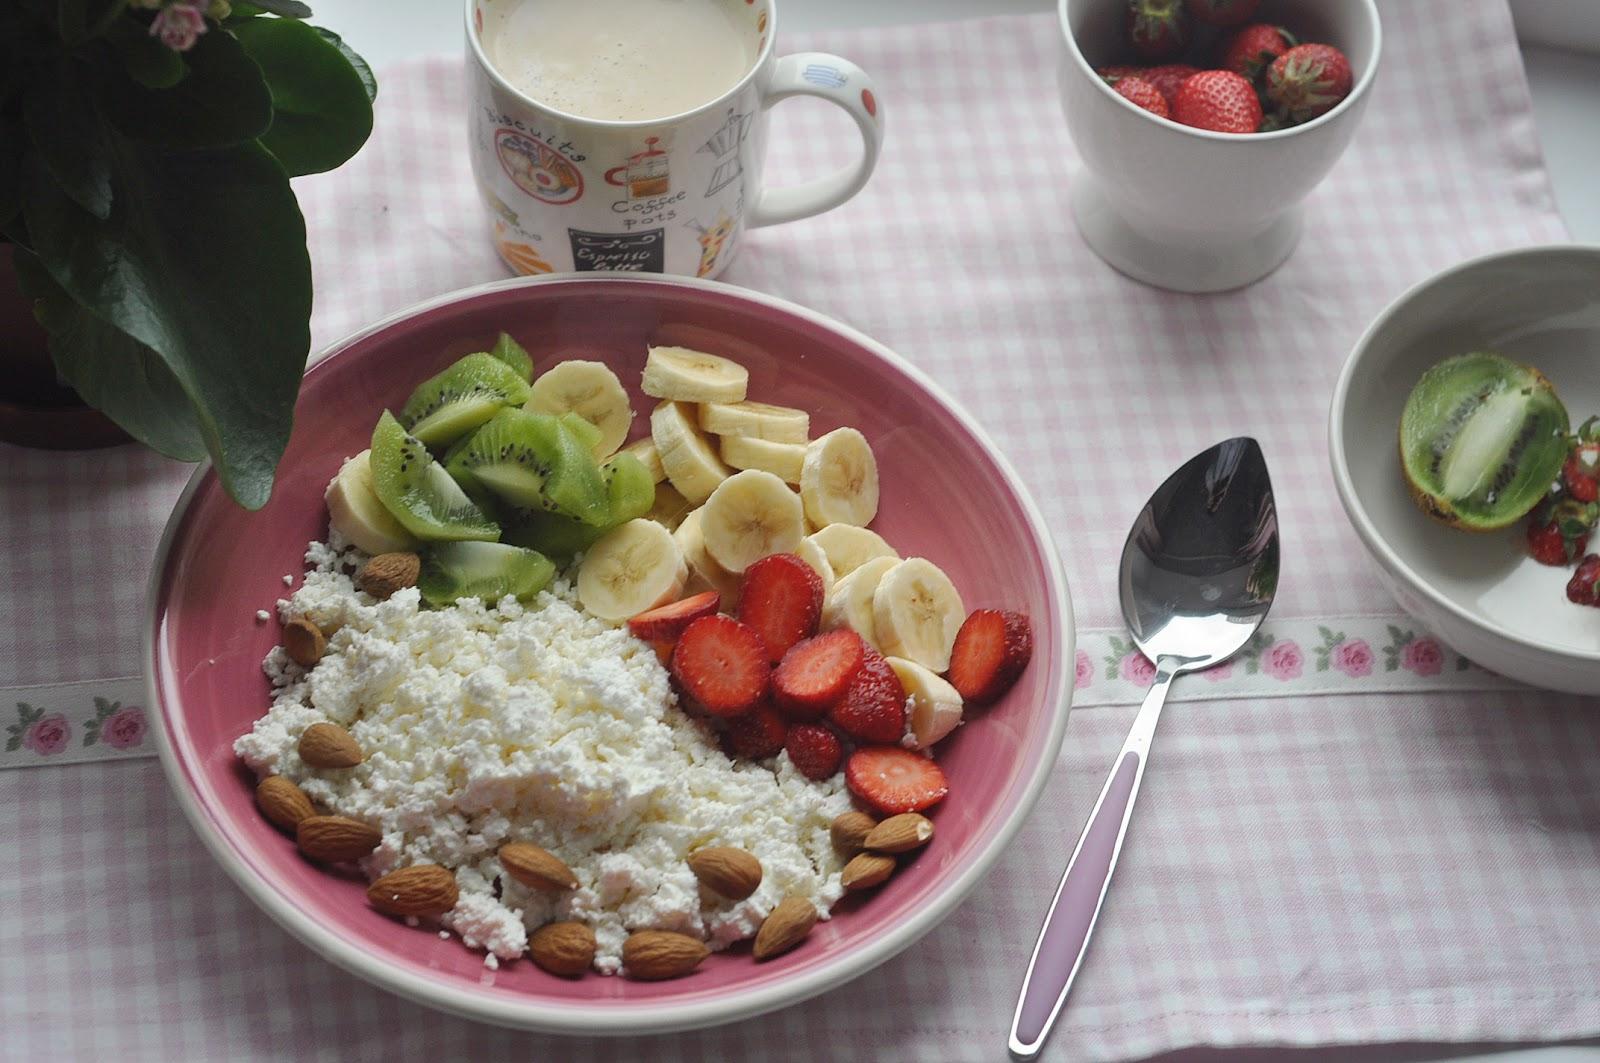 рецепты полезных завтраков для похудения с фото фото нюша запечатлена